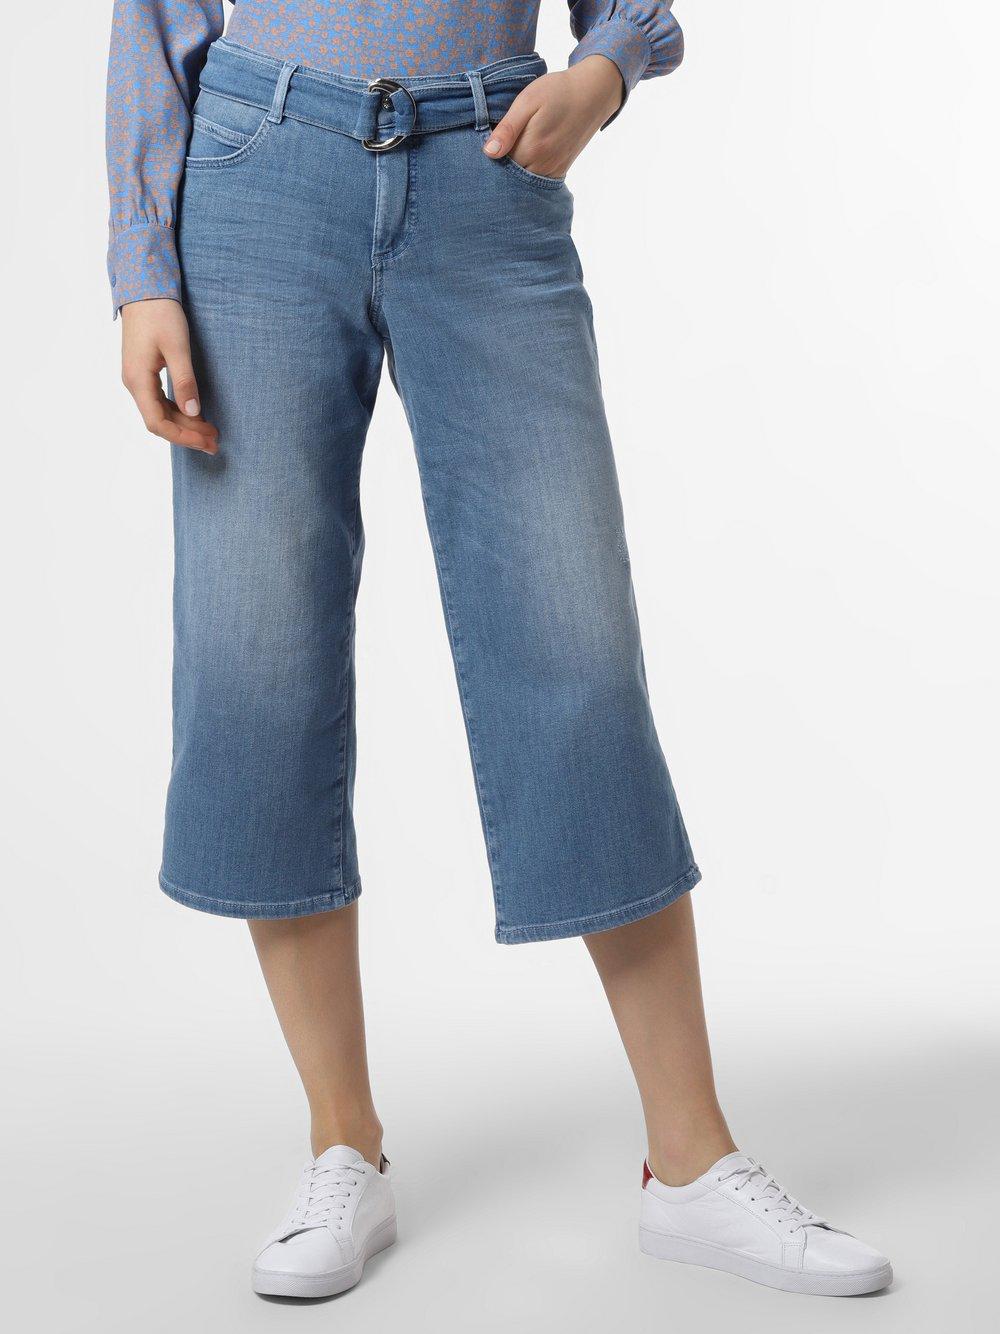 MAC – Jeansy damskie – Greta, niebieski Van Graaf 465002-0001-00400